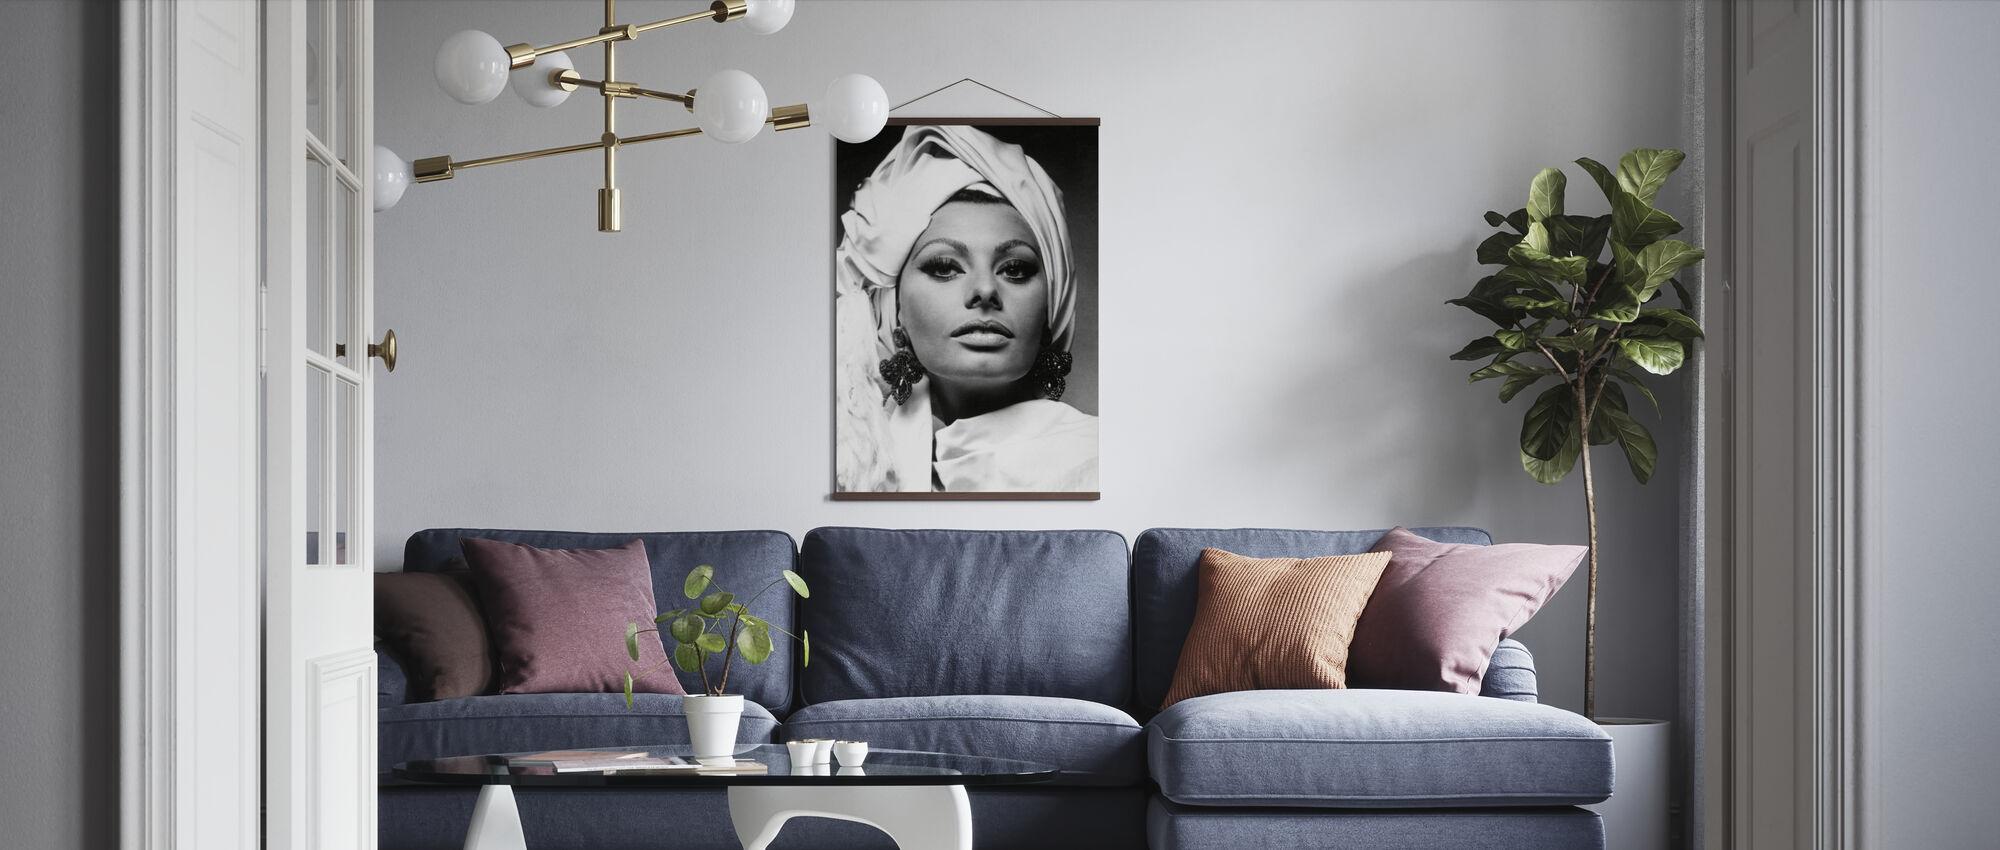 Arabesque - Sophia Loren - Poster - Woonkamer